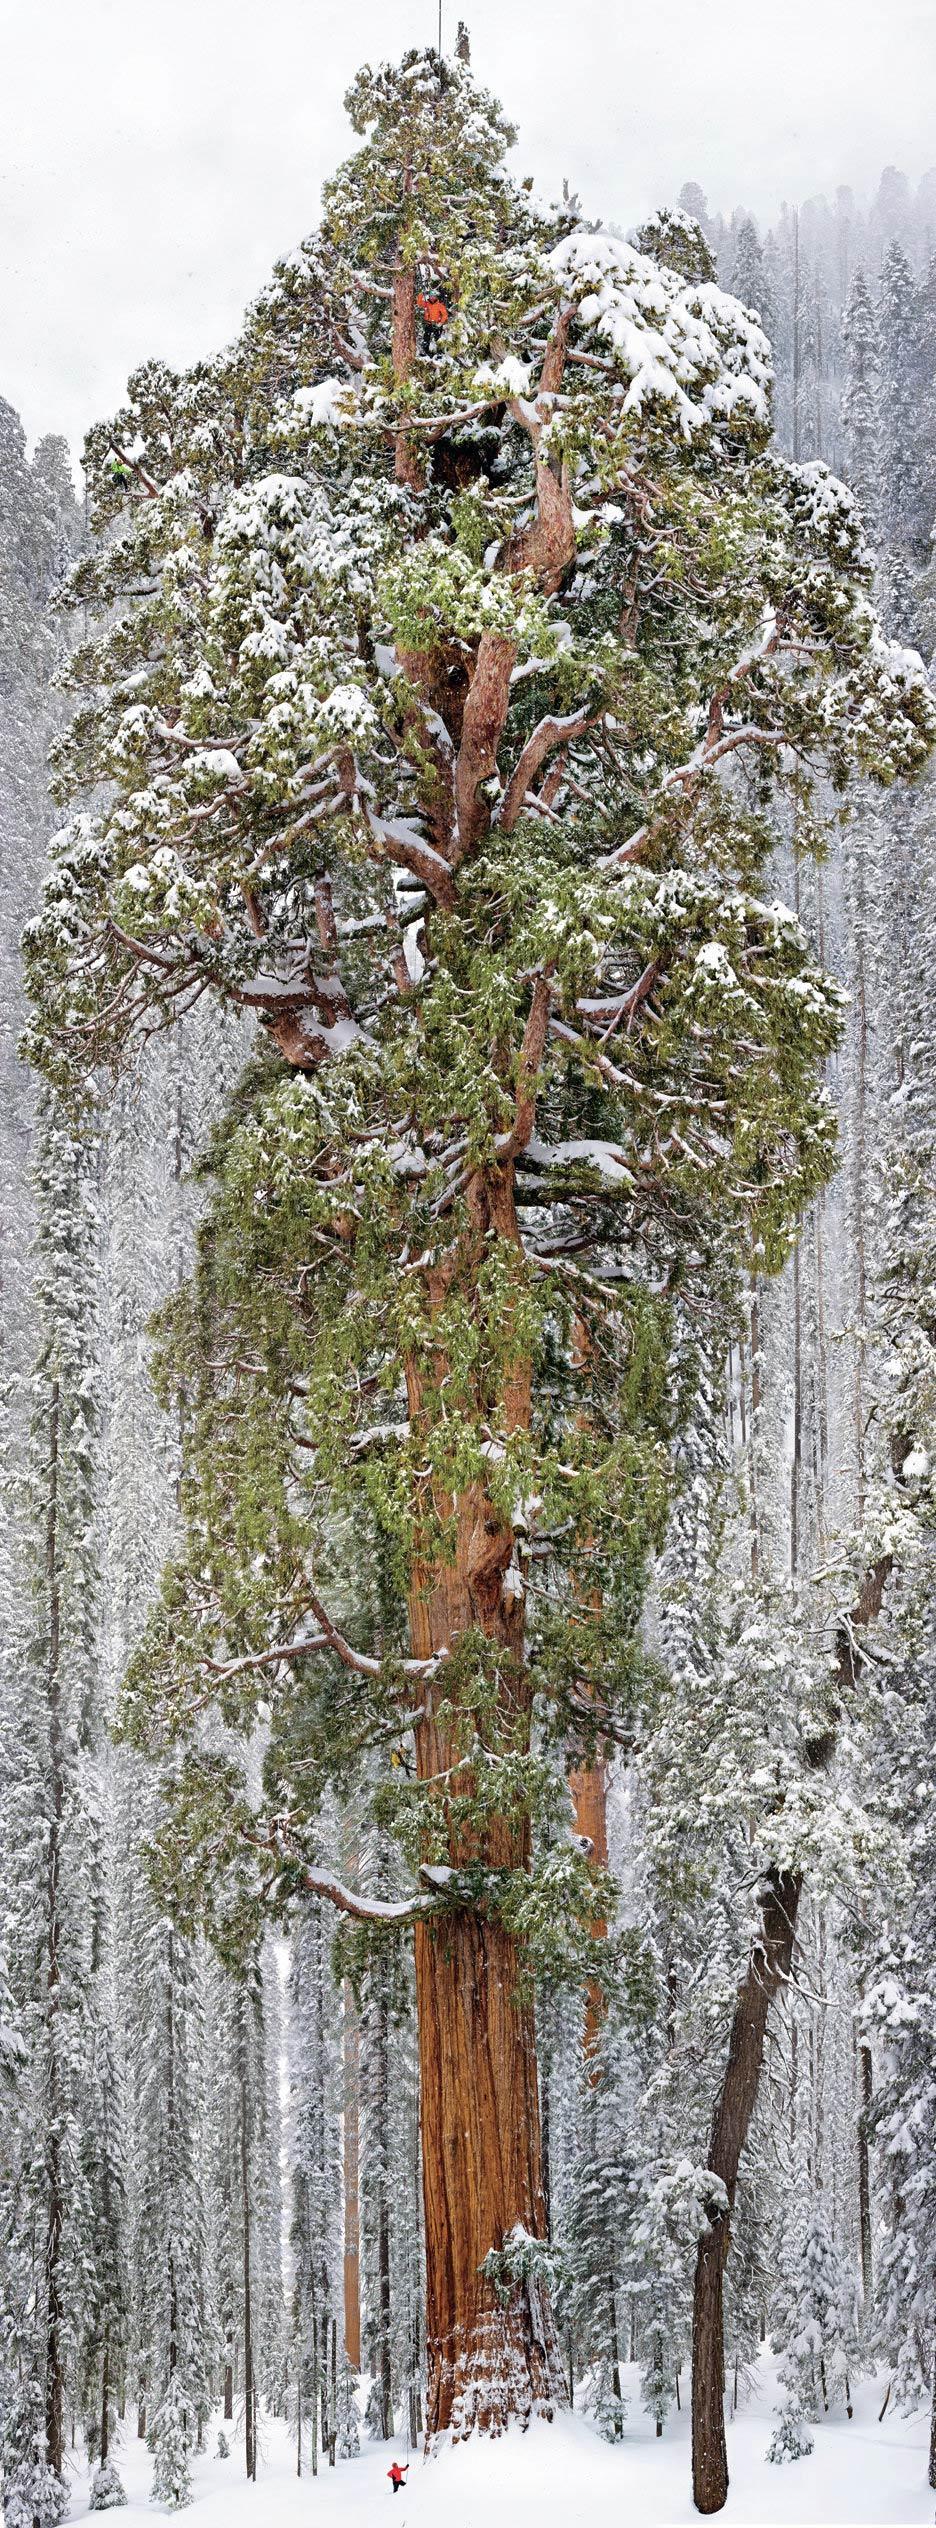 El Presidente: el segundo árbol más alto del mundo en una imagen